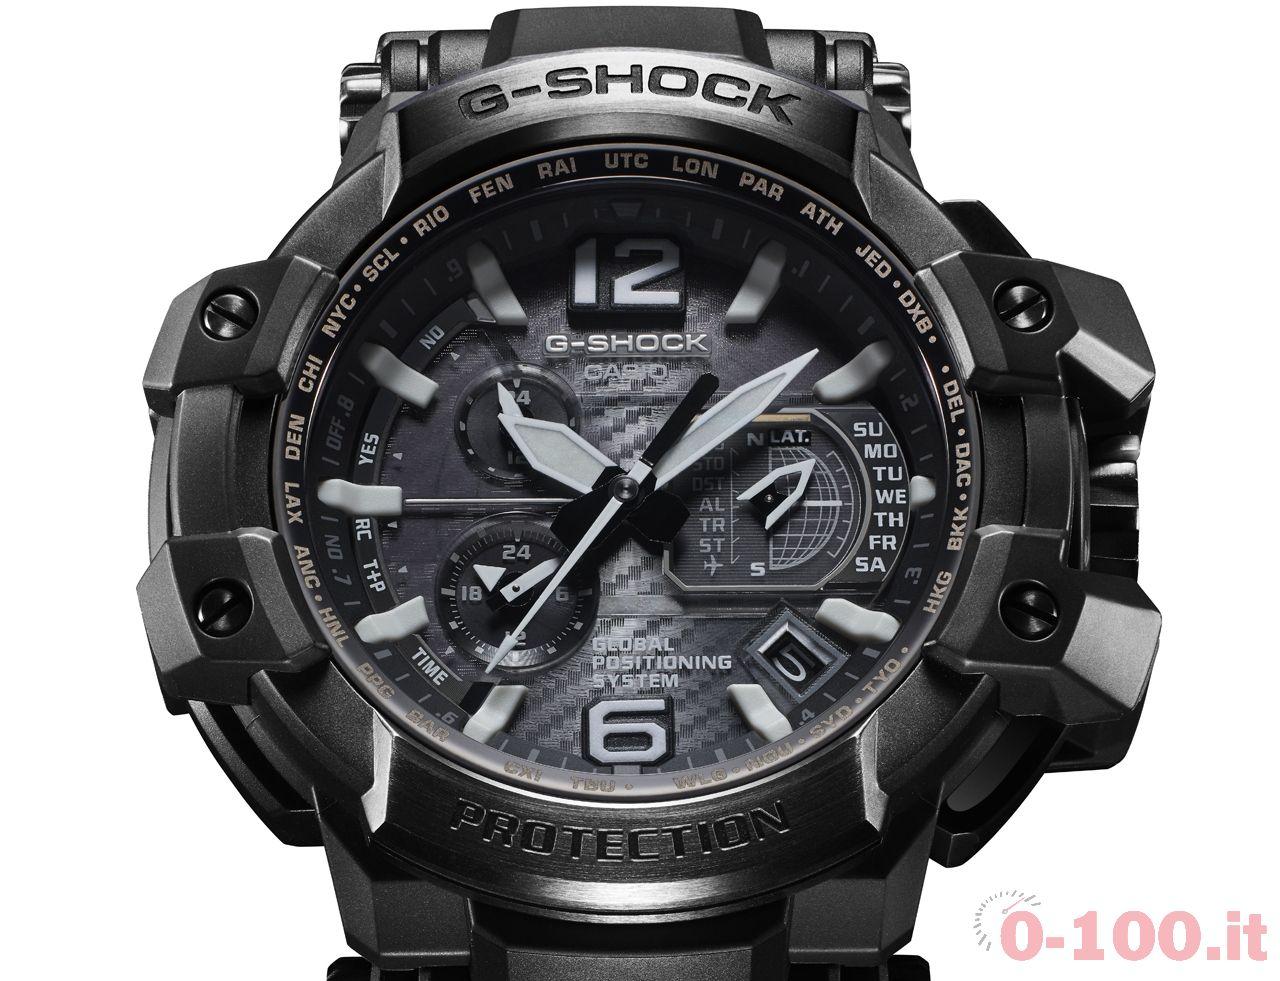 casio-hybrid-g-shock-gpw-1000t-baselworld-2015_0-1003